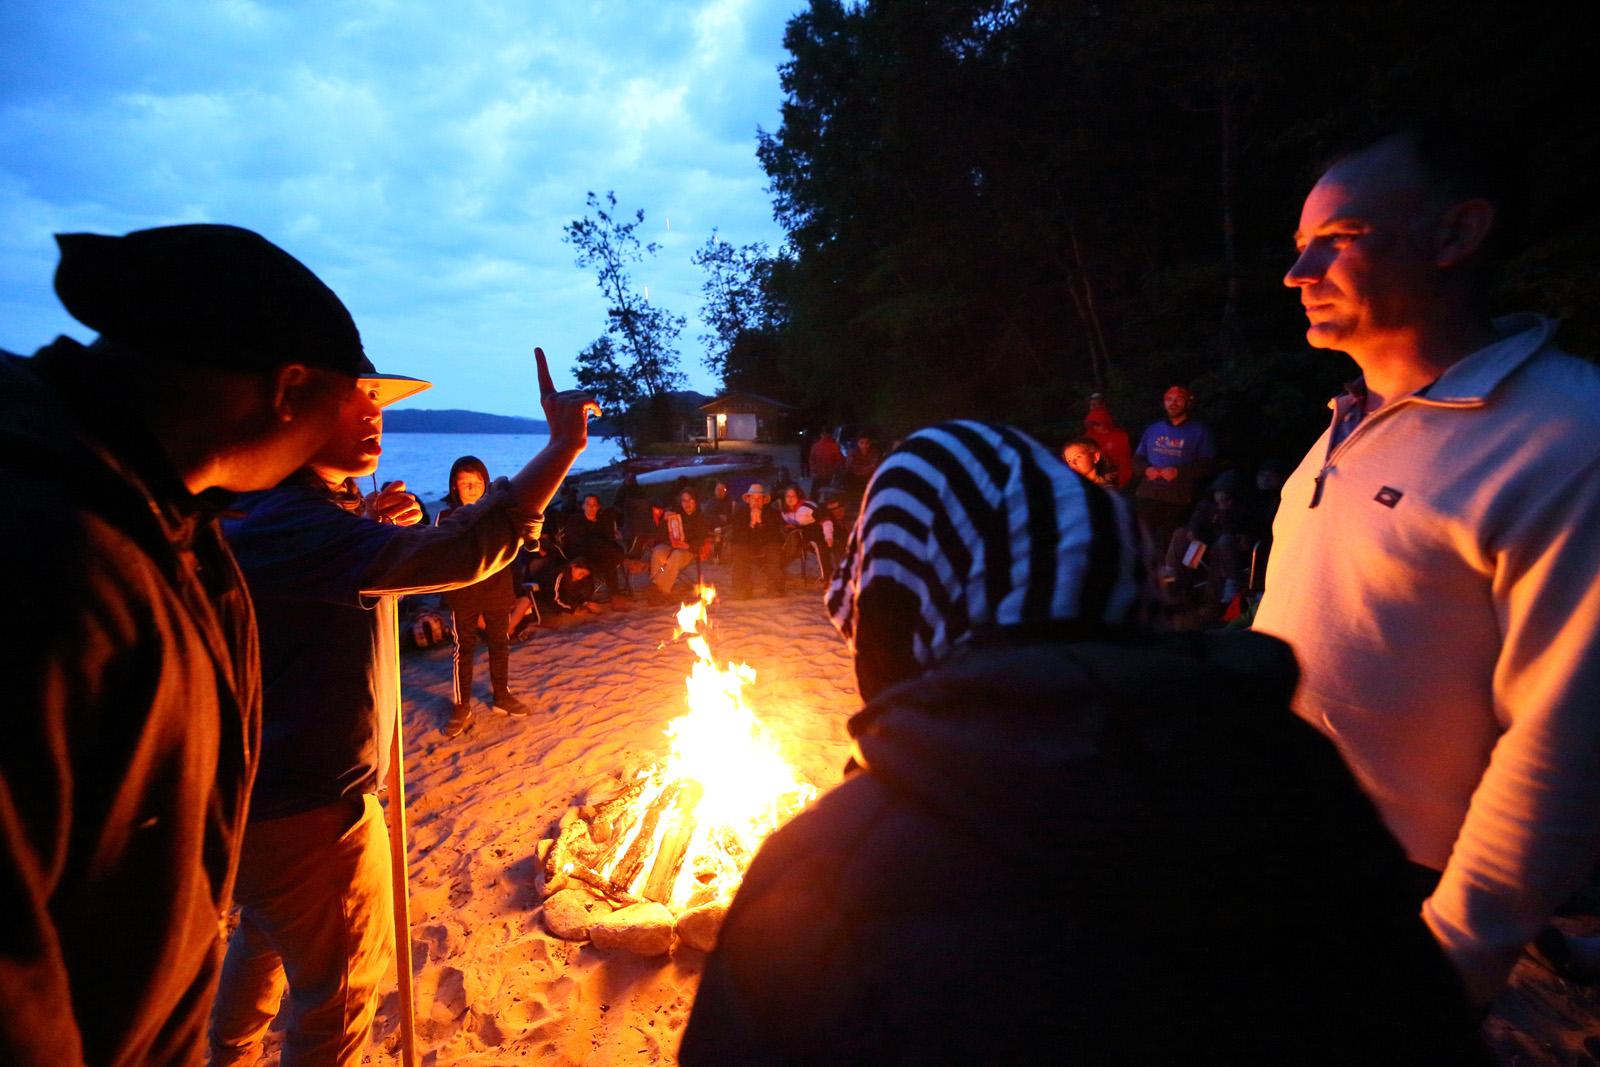 Village vacances petit-saguenay, tout inclus, tout inclus quebec, saguenay